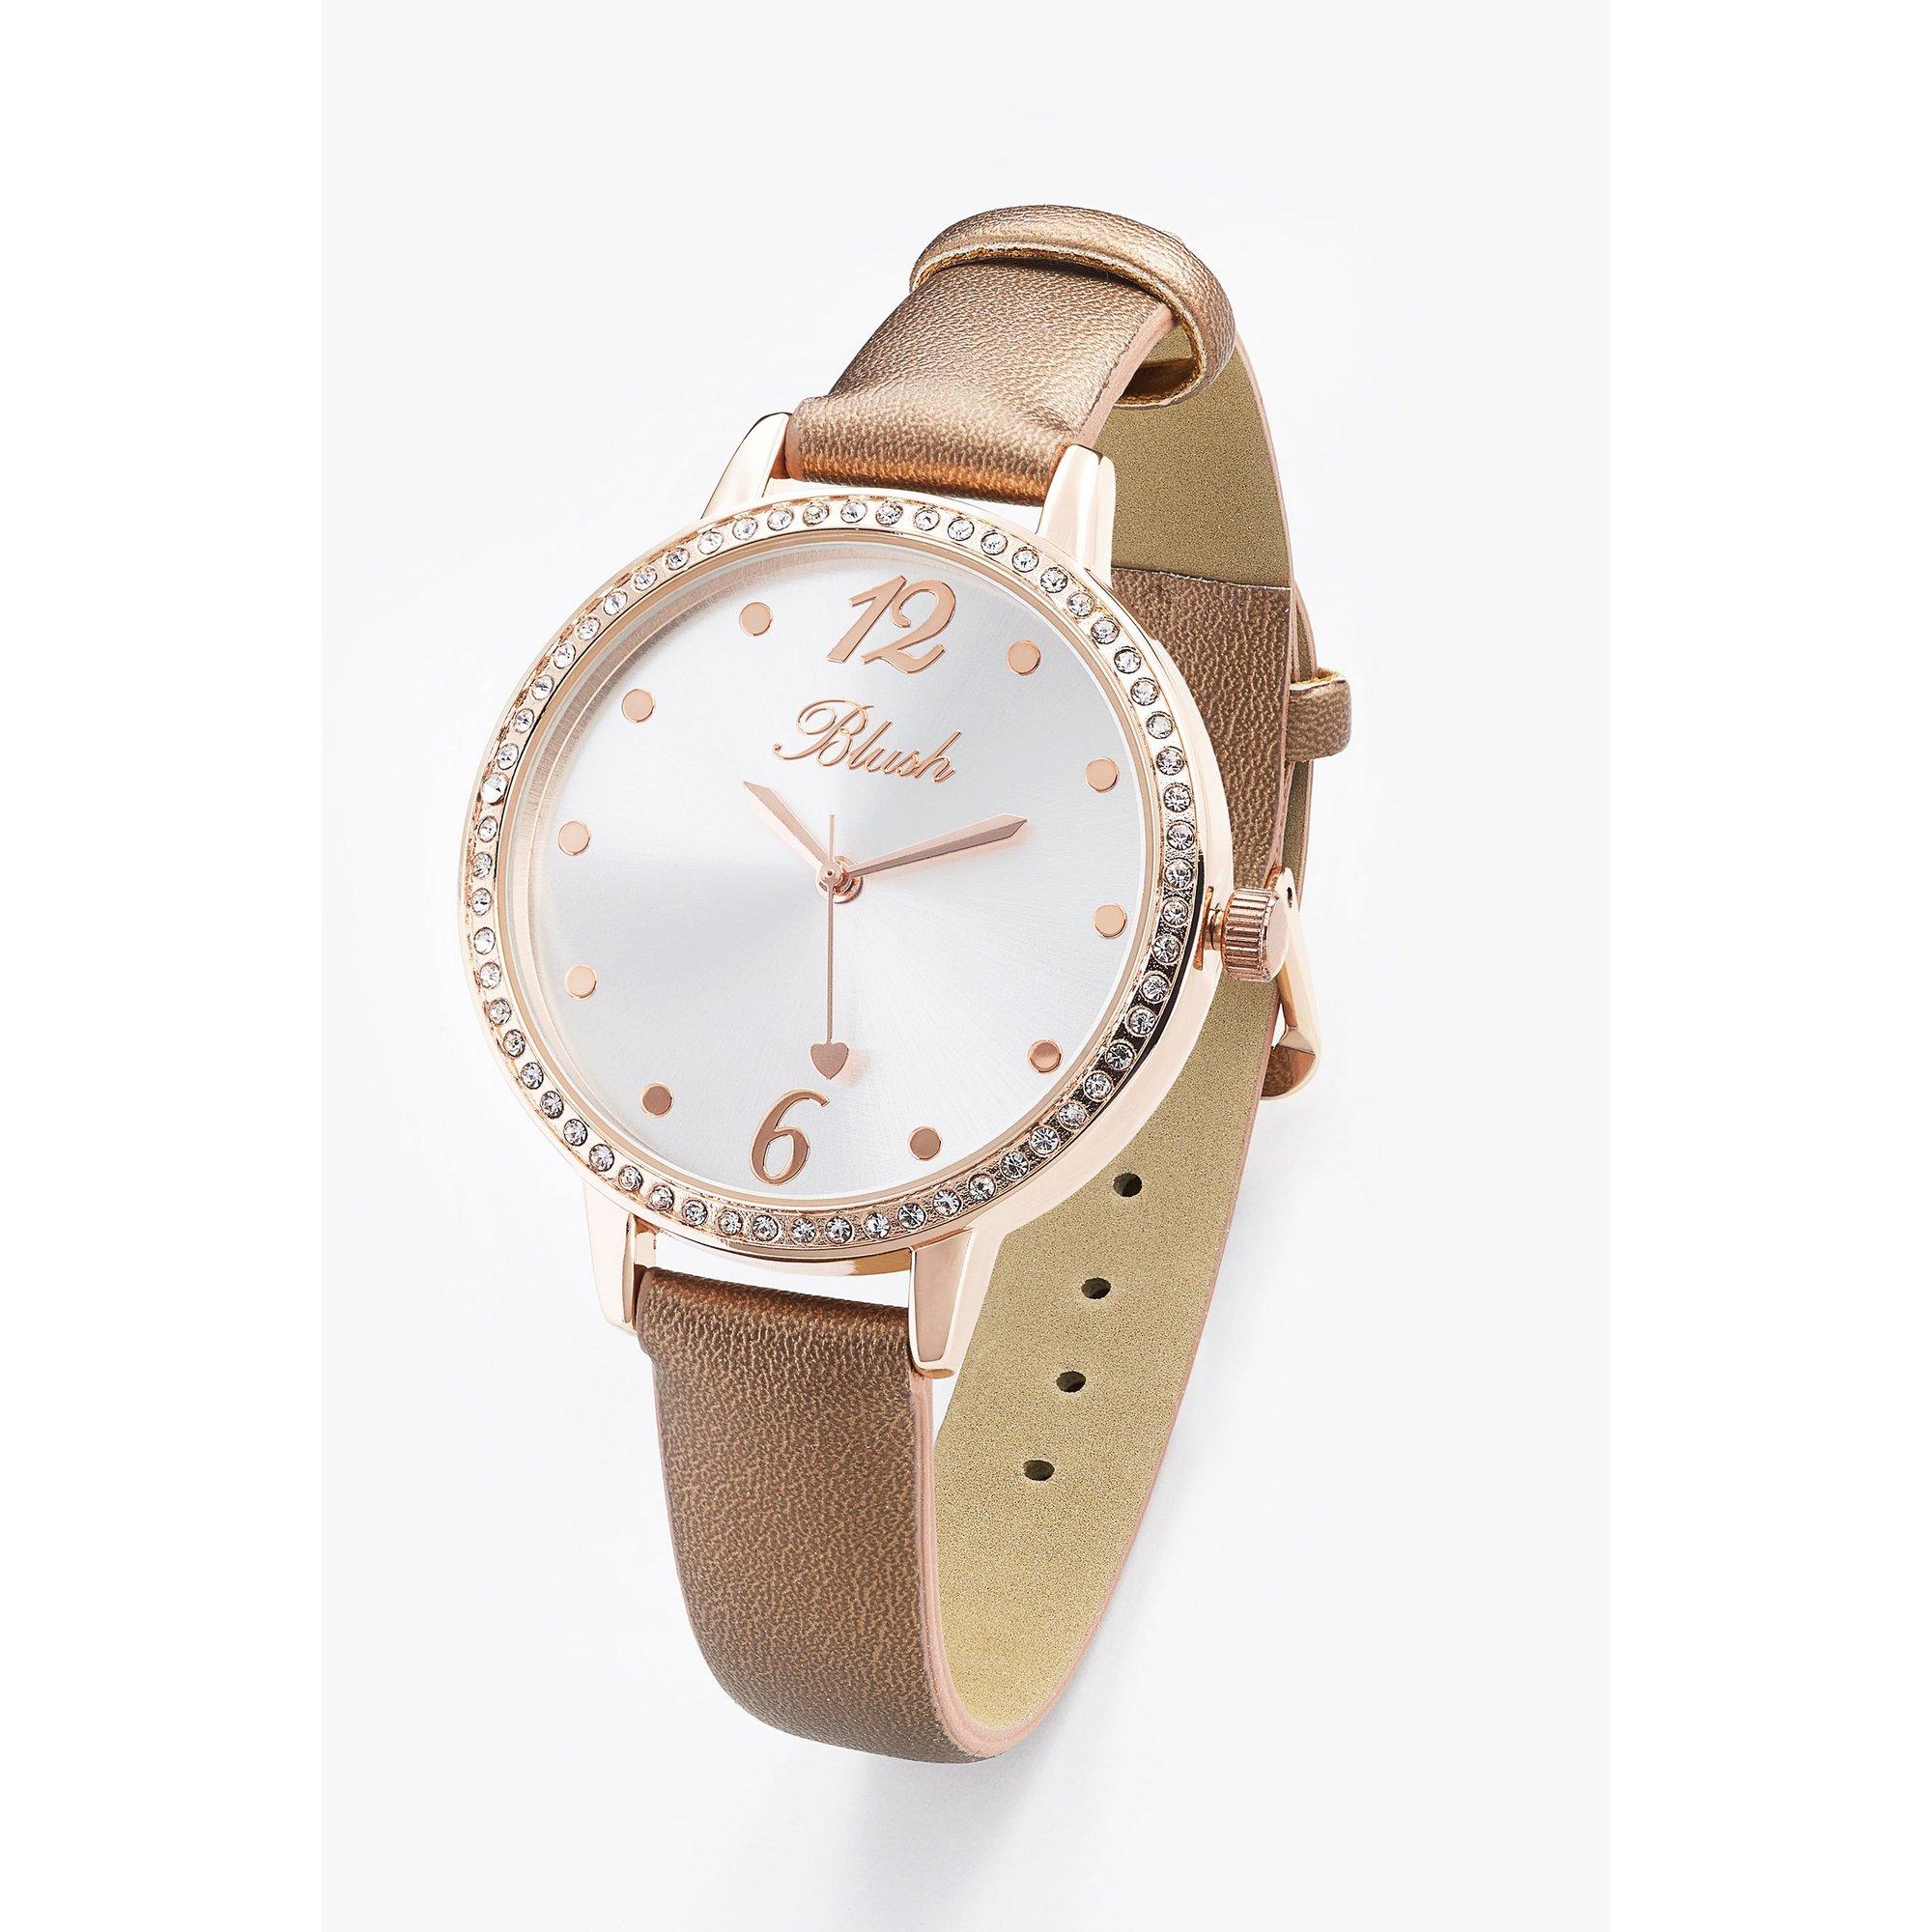 Image of Blush Strap Fashion Watch